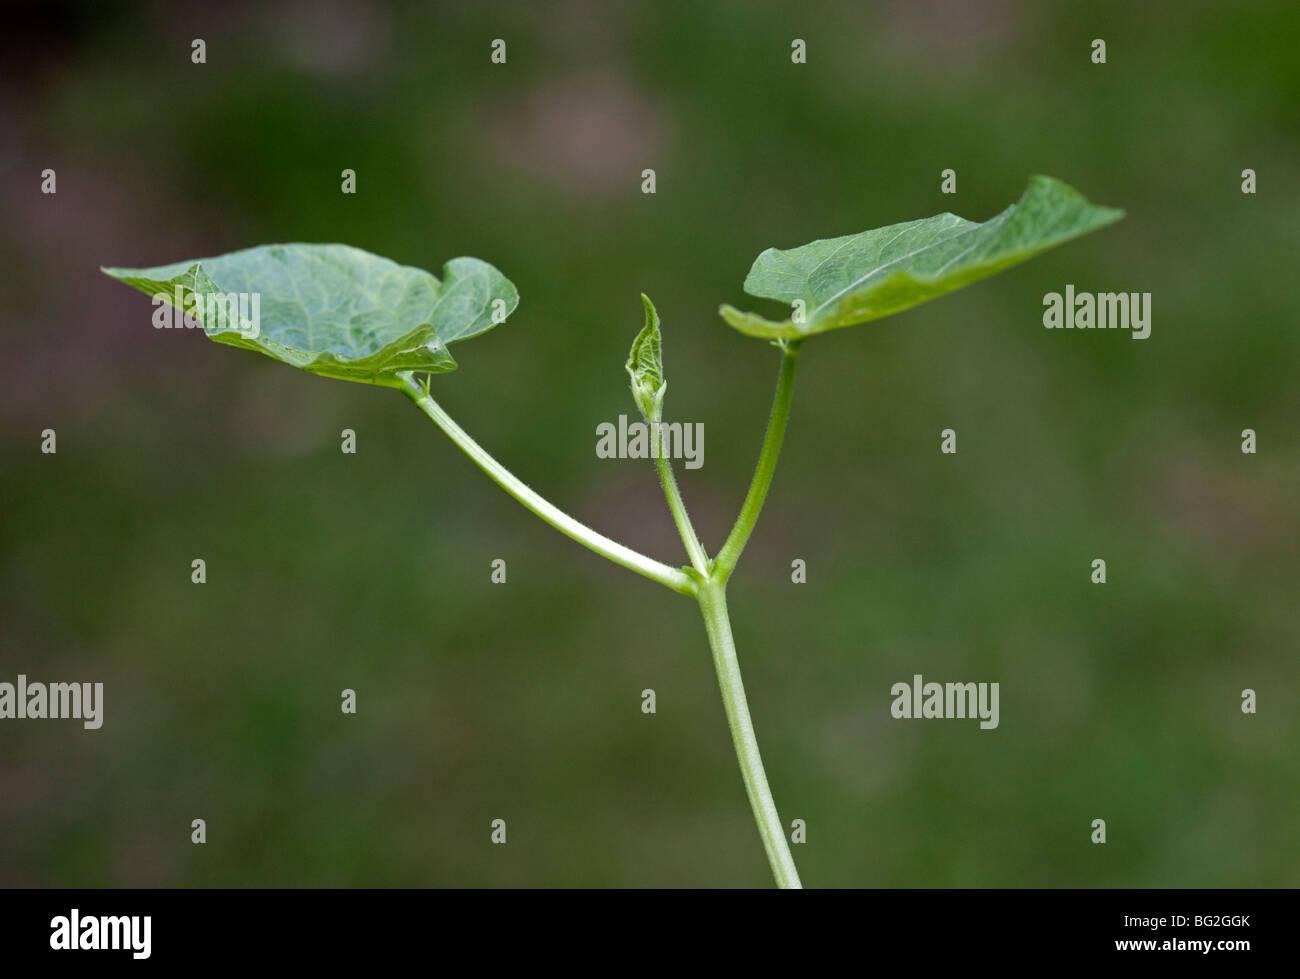 Runner Bean Seedling - Stock Image